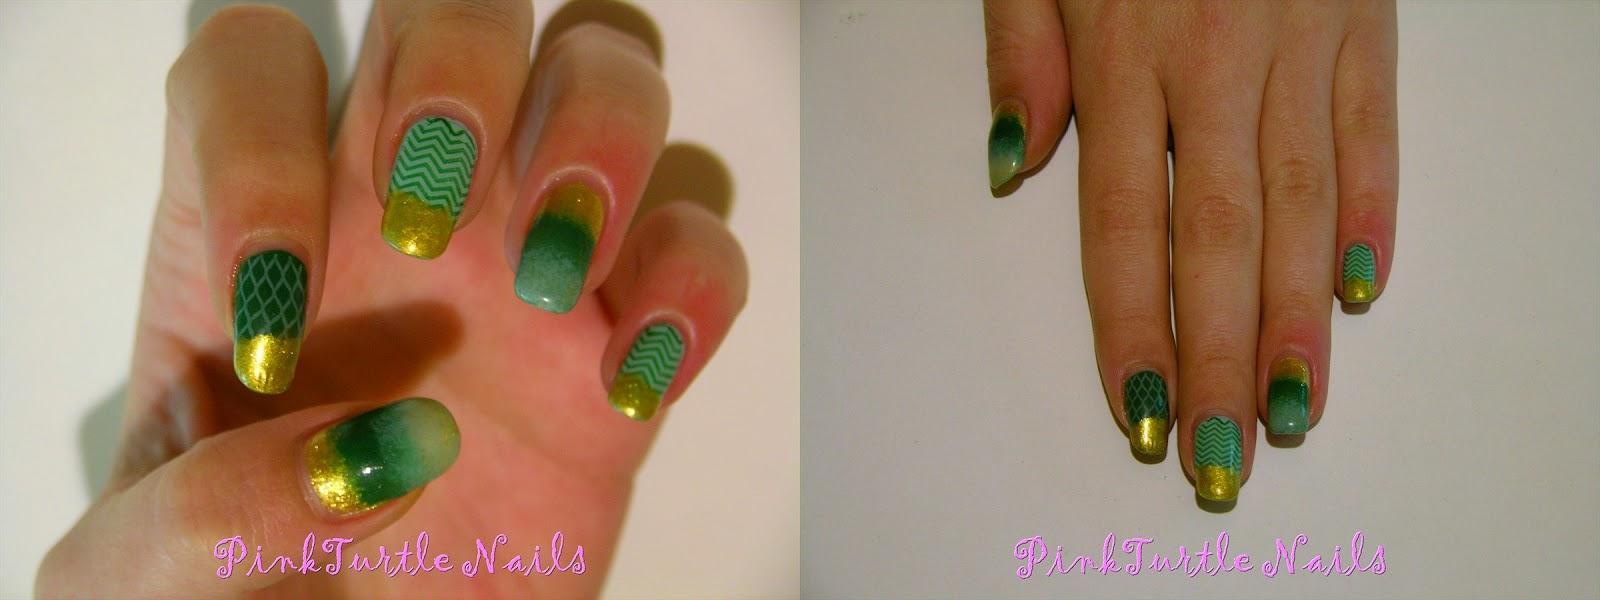 http://pinkturtlenails.blogspot.com.es/2014/10/reto-colores-vol-2-verde_16.html